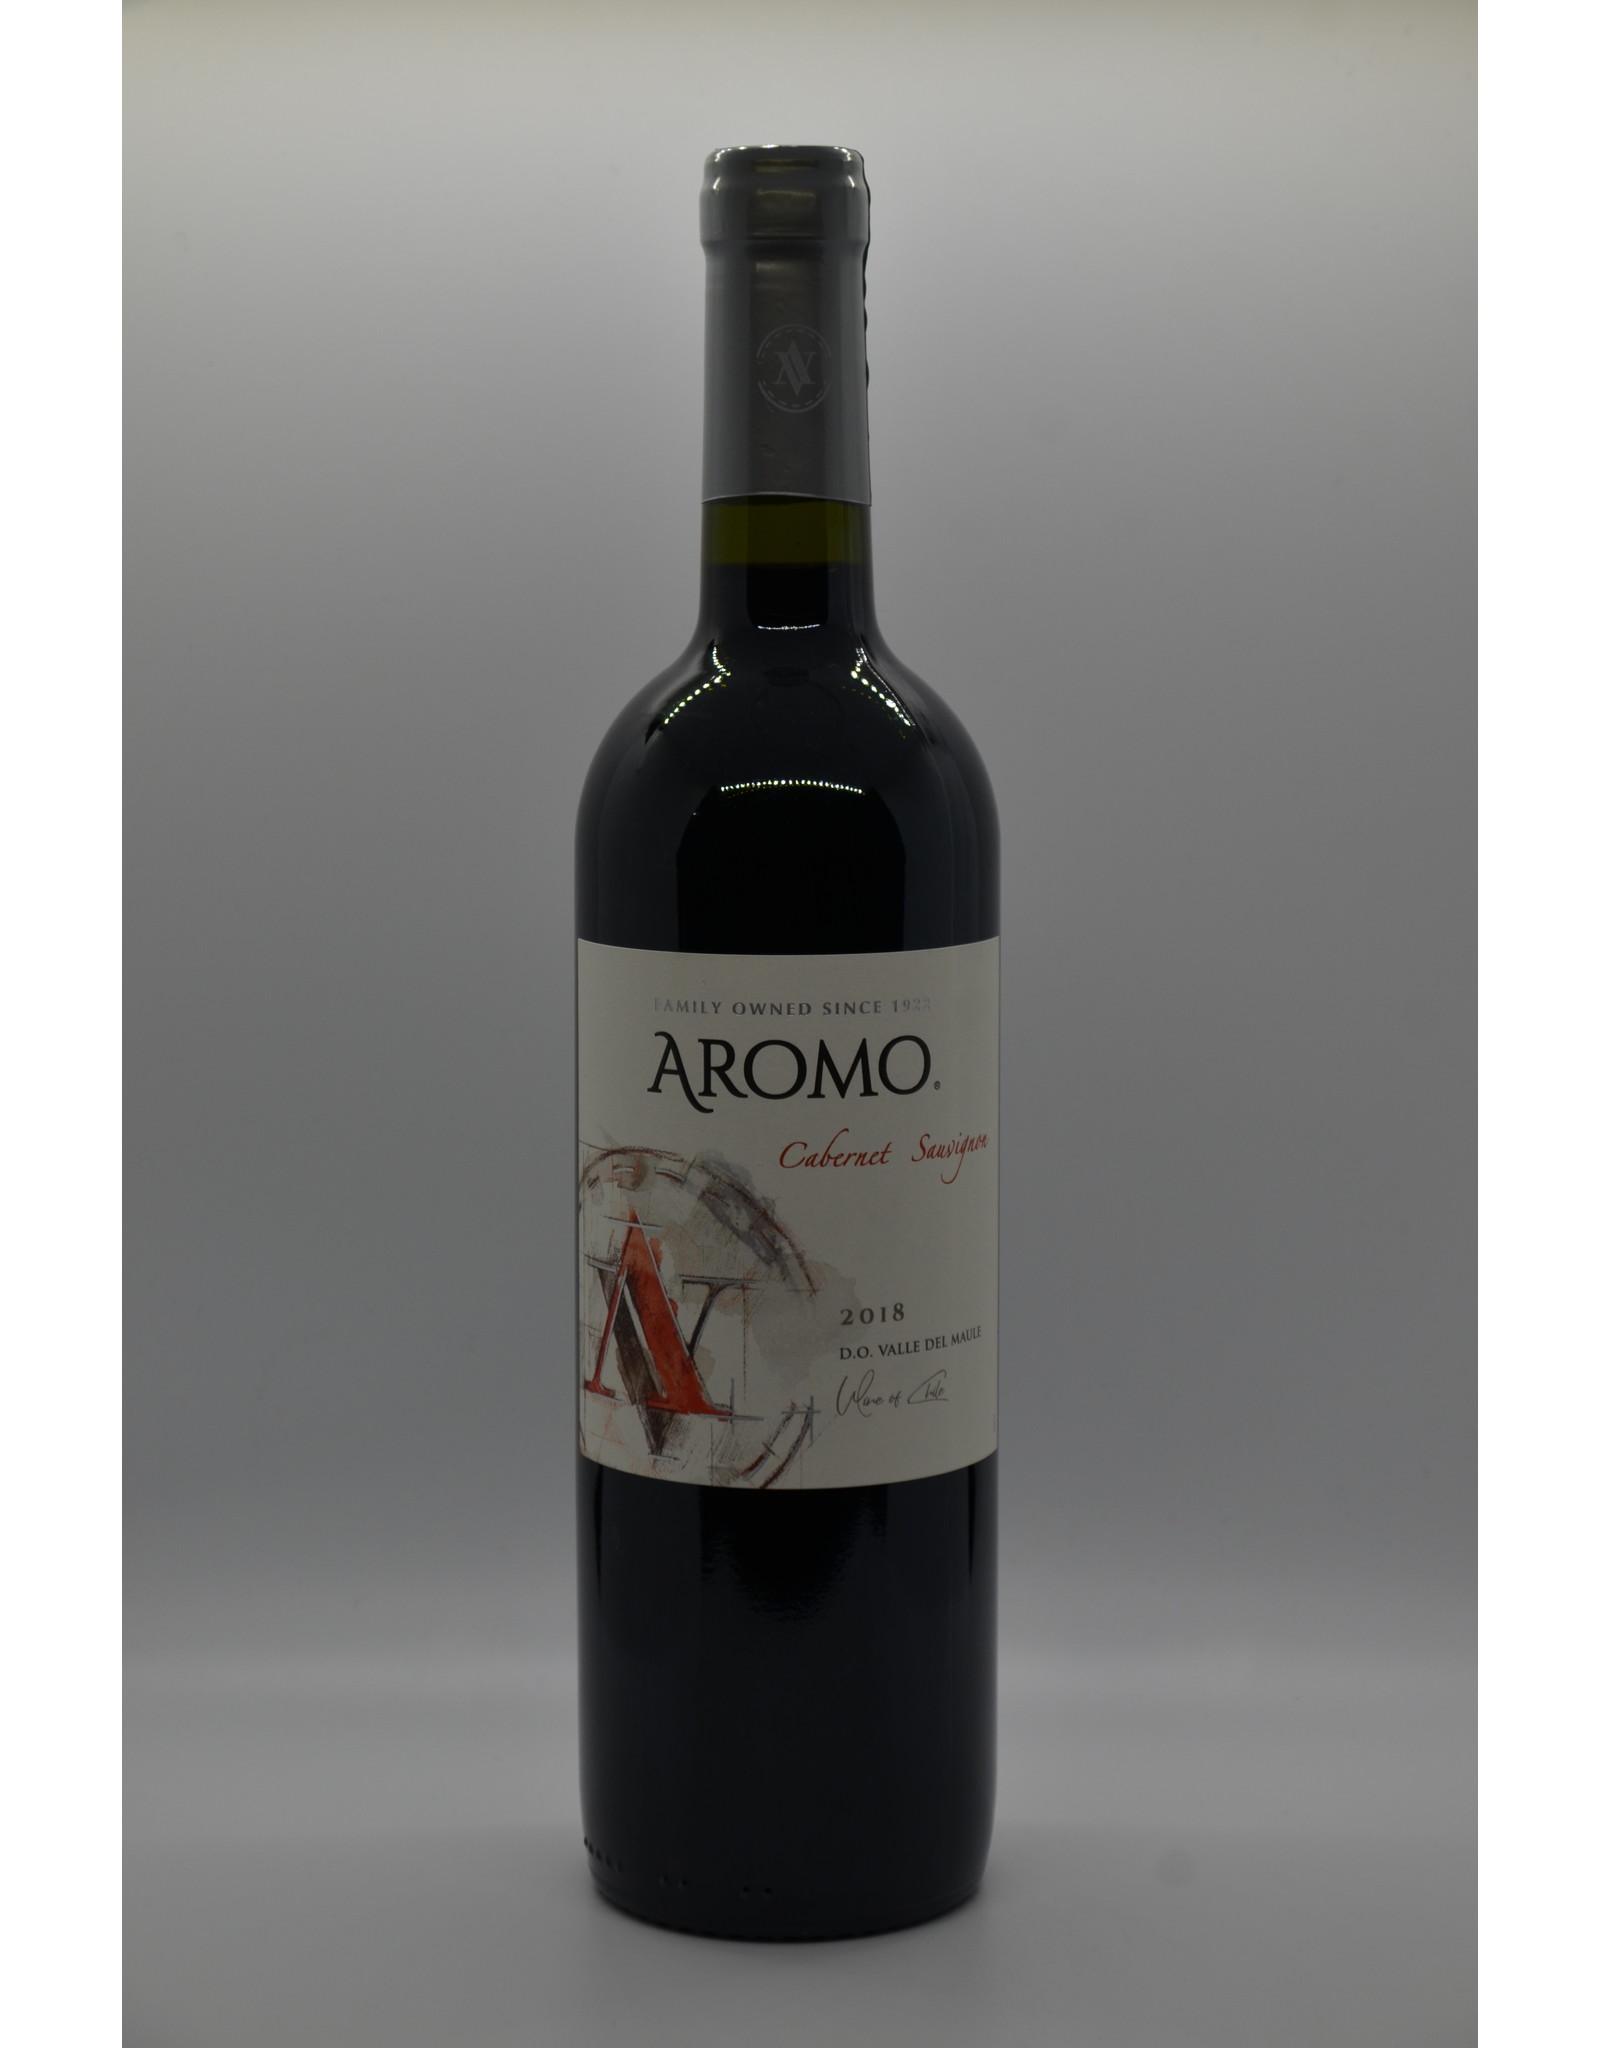 Chile Aromo Cabernet Sauvignon